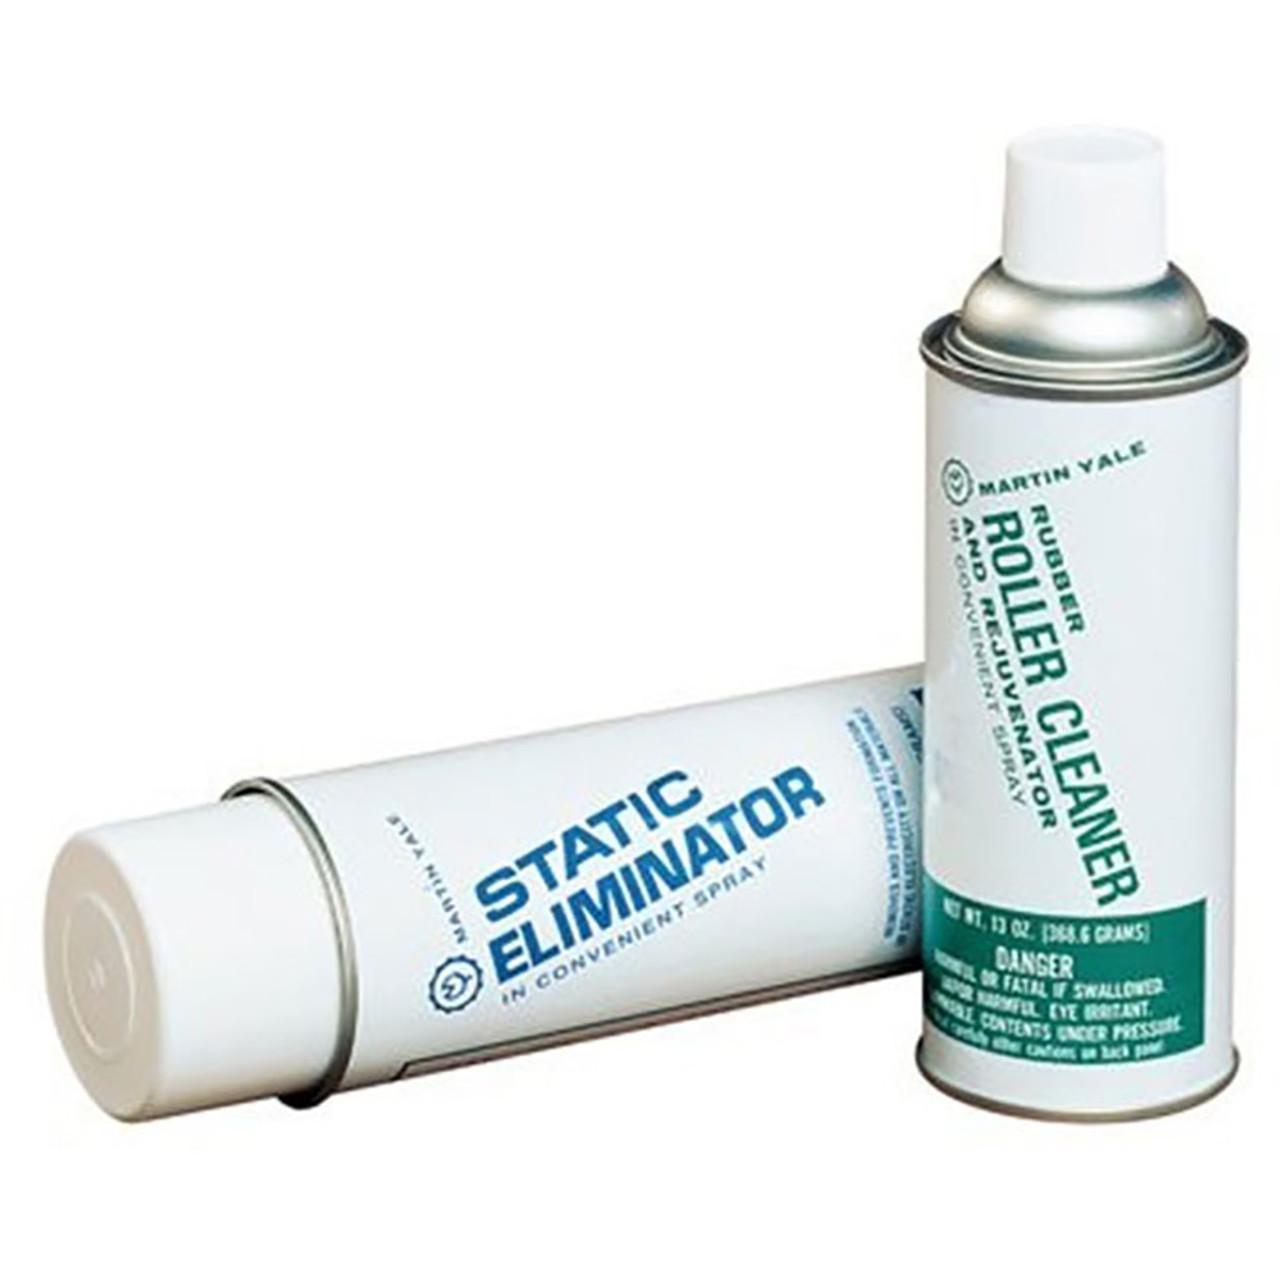 Martin Yale Rejuvenator / Anti-static Spray